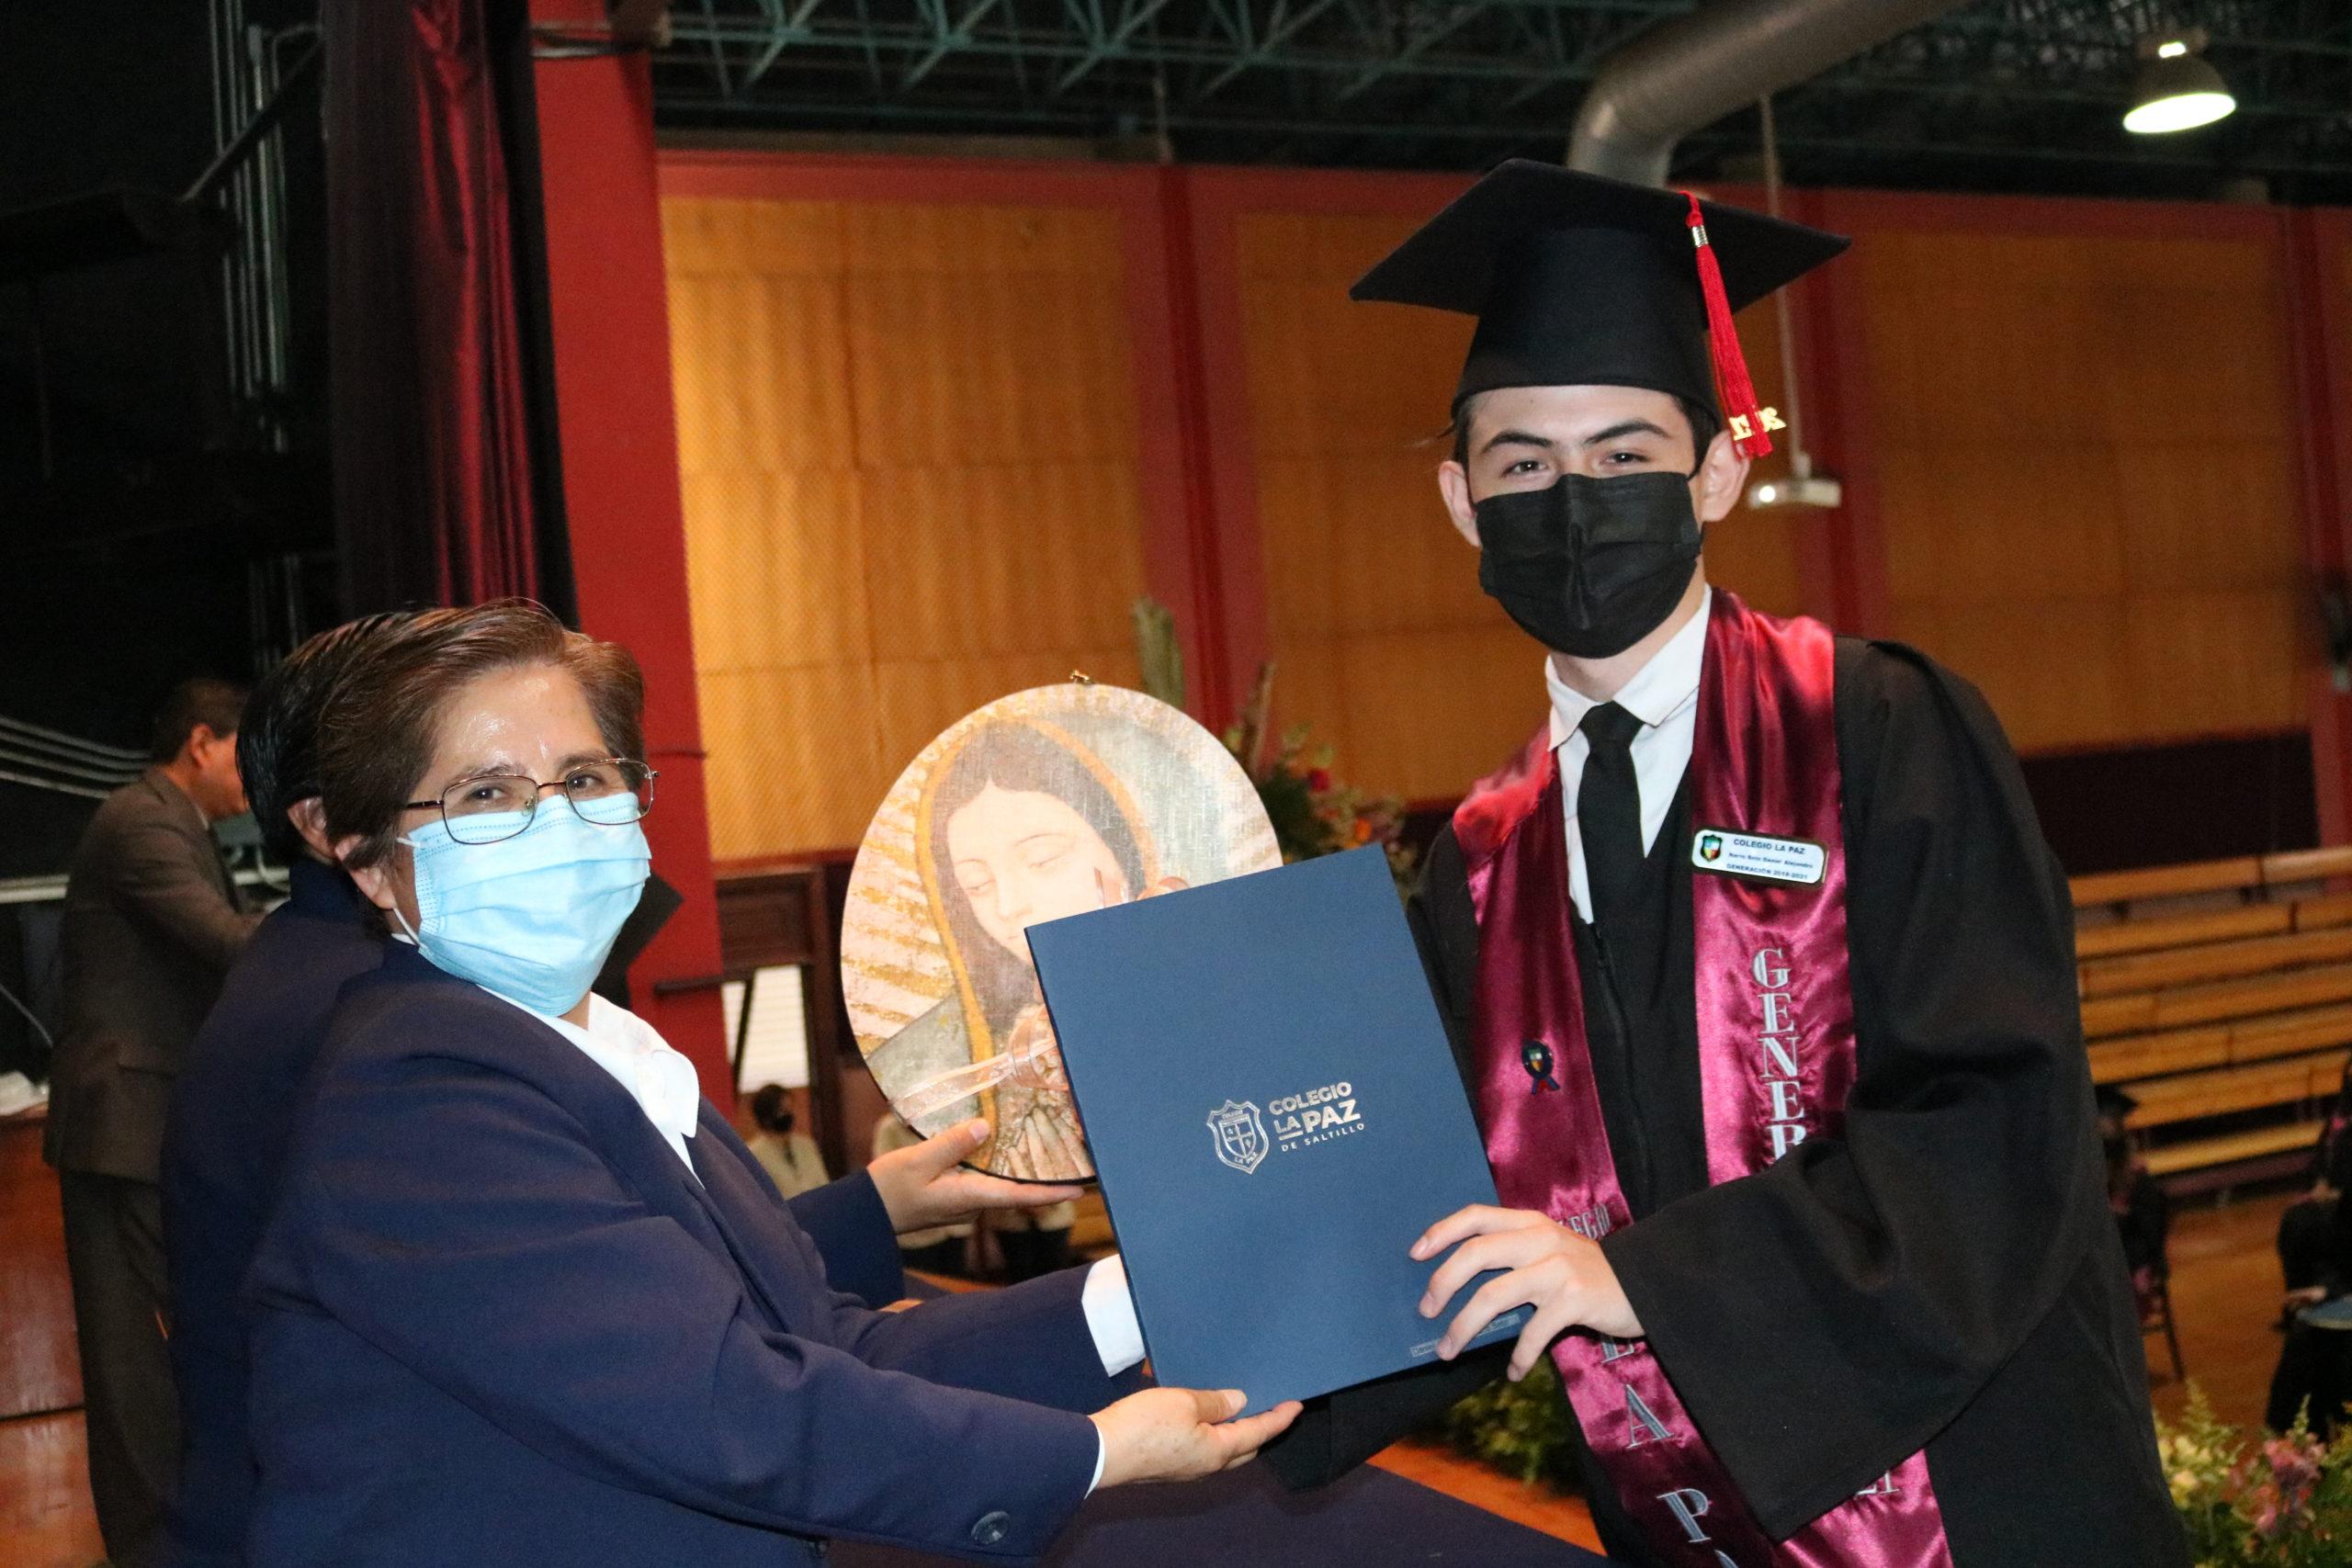 Alumnos sobresalientes recibieron el reconocimiento Most Improve Award por sus habilidades en el idioma Inglés.